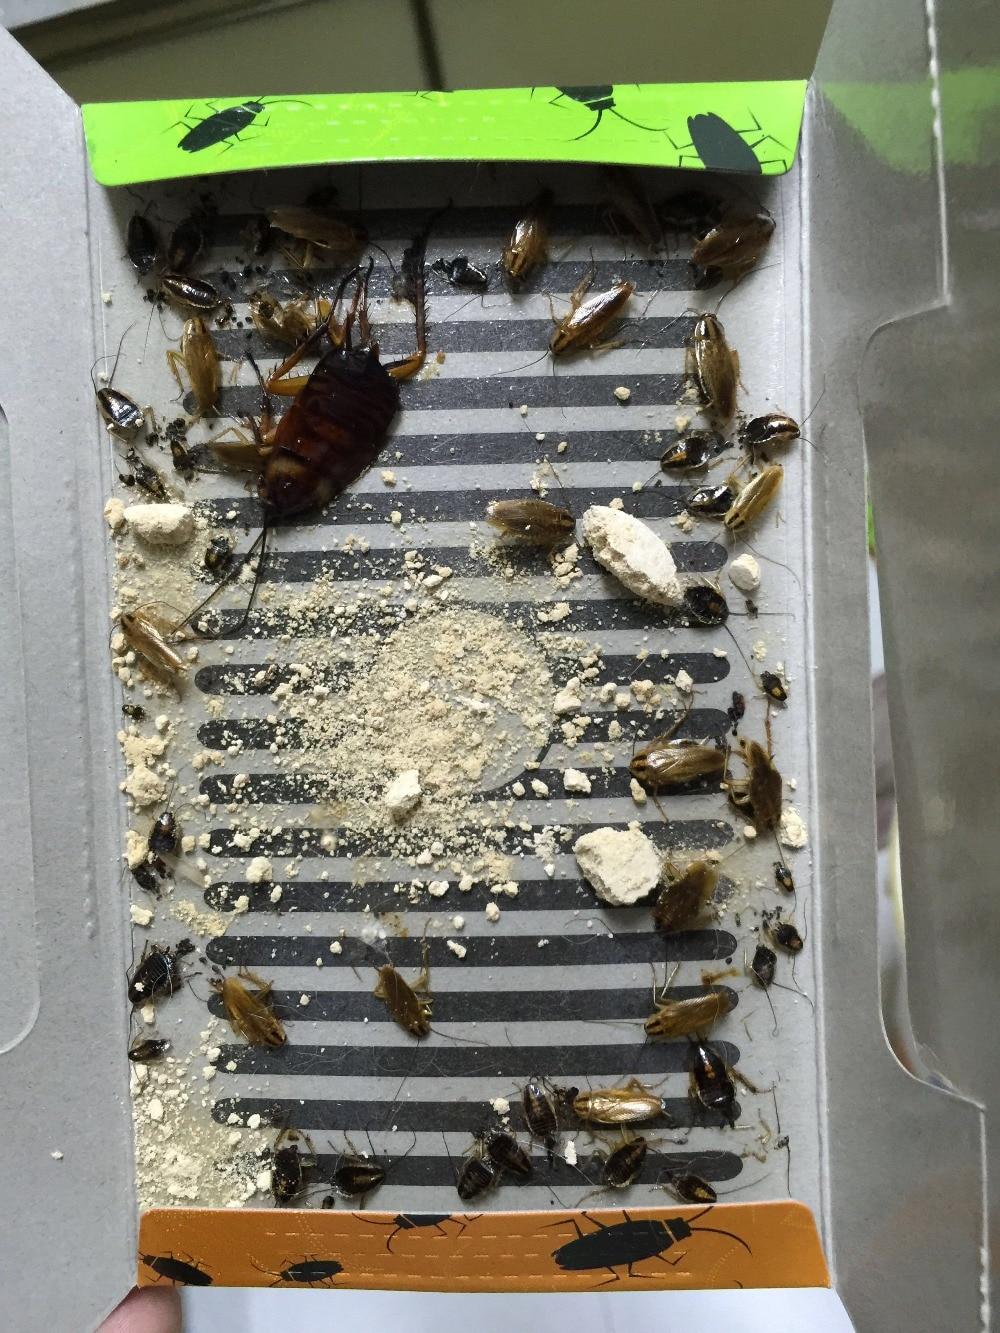 Mr.Bug Kackerlacka Bete Killer Trap Anti Skadedjur Cock Roach Skadedjursbekämpning Produkter Kackerlacka Killer Tysk Kackerlackdöd